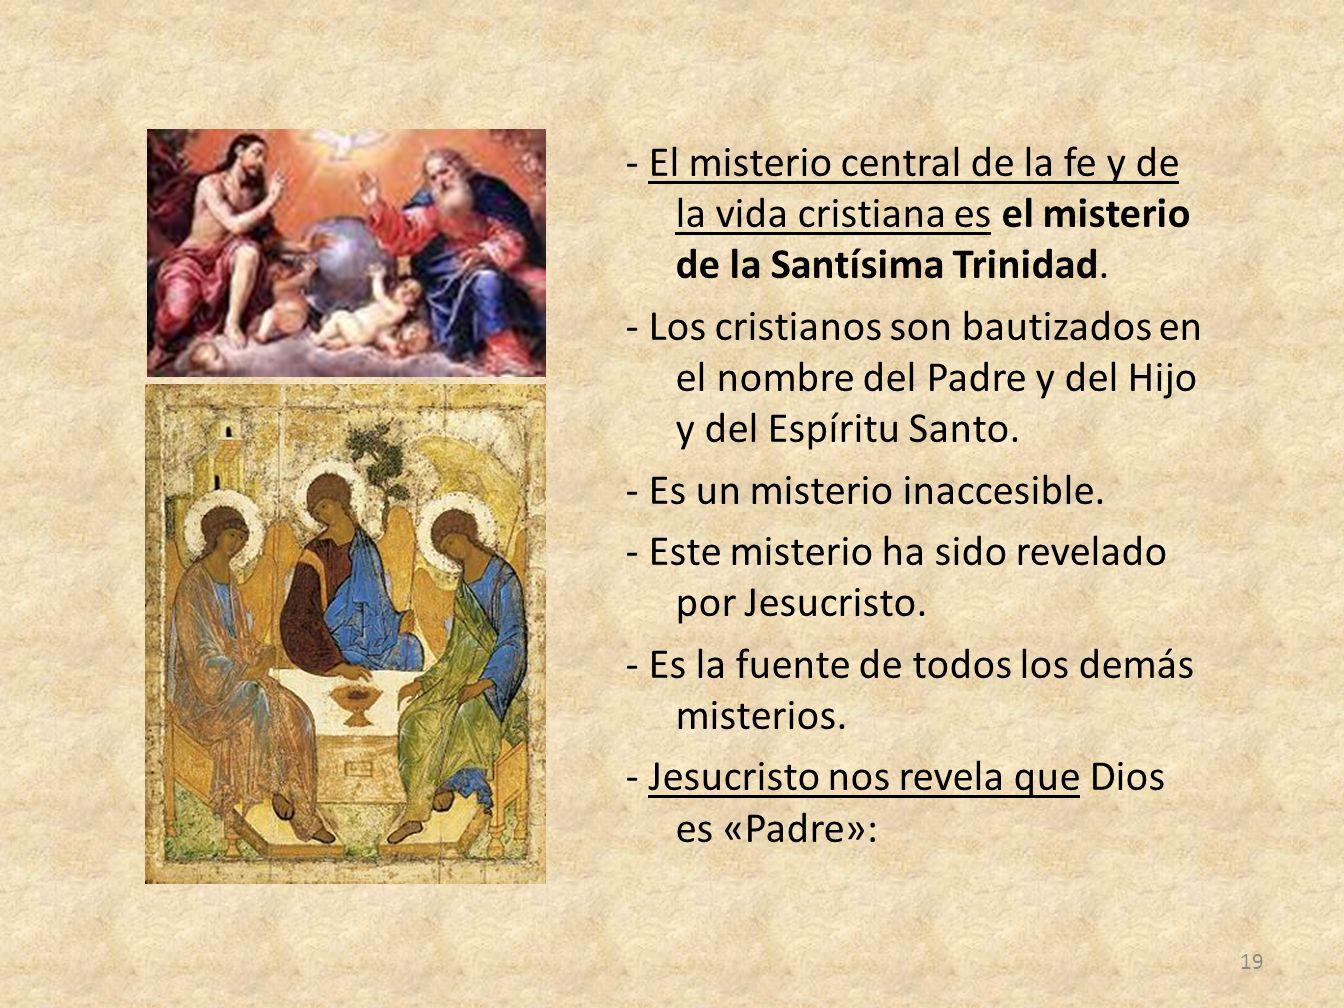 - El misterio central de la fe y de la vida cristiana es el misterio de la Santísima Trinidad. - Los cristianos son bautizados en el nombre del Padre